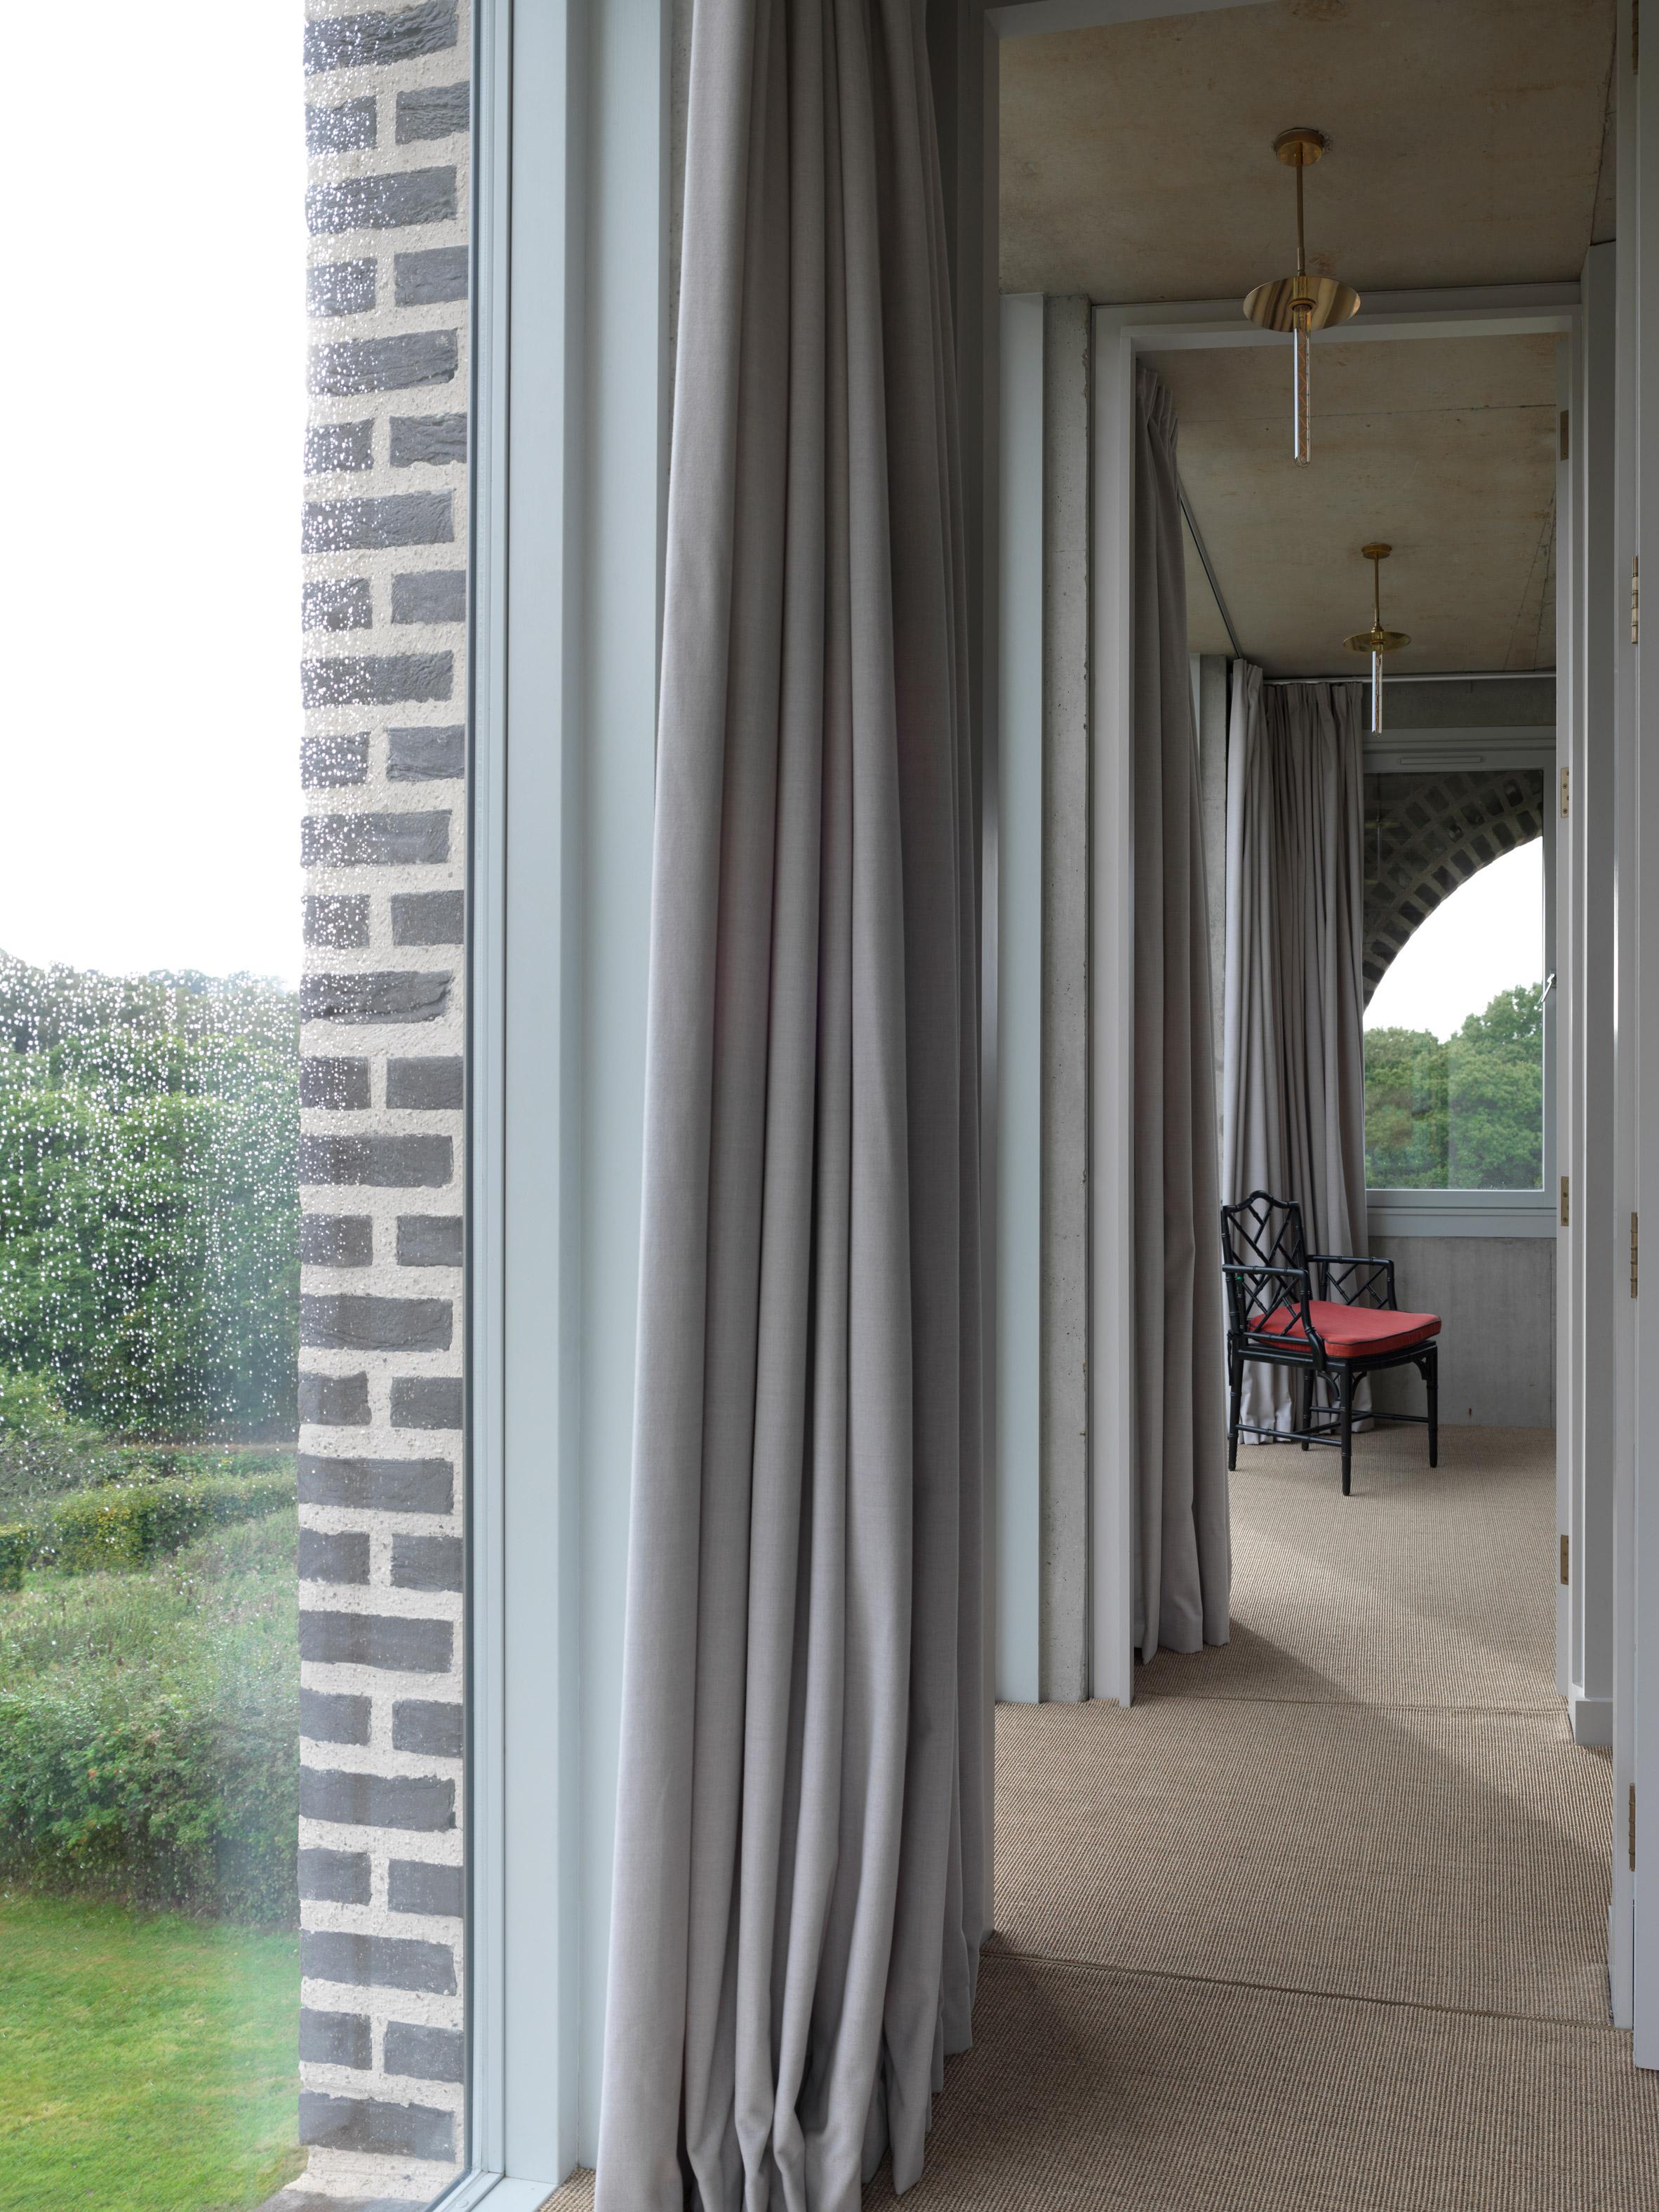 Las cortinas y la silla destacan en el espacio